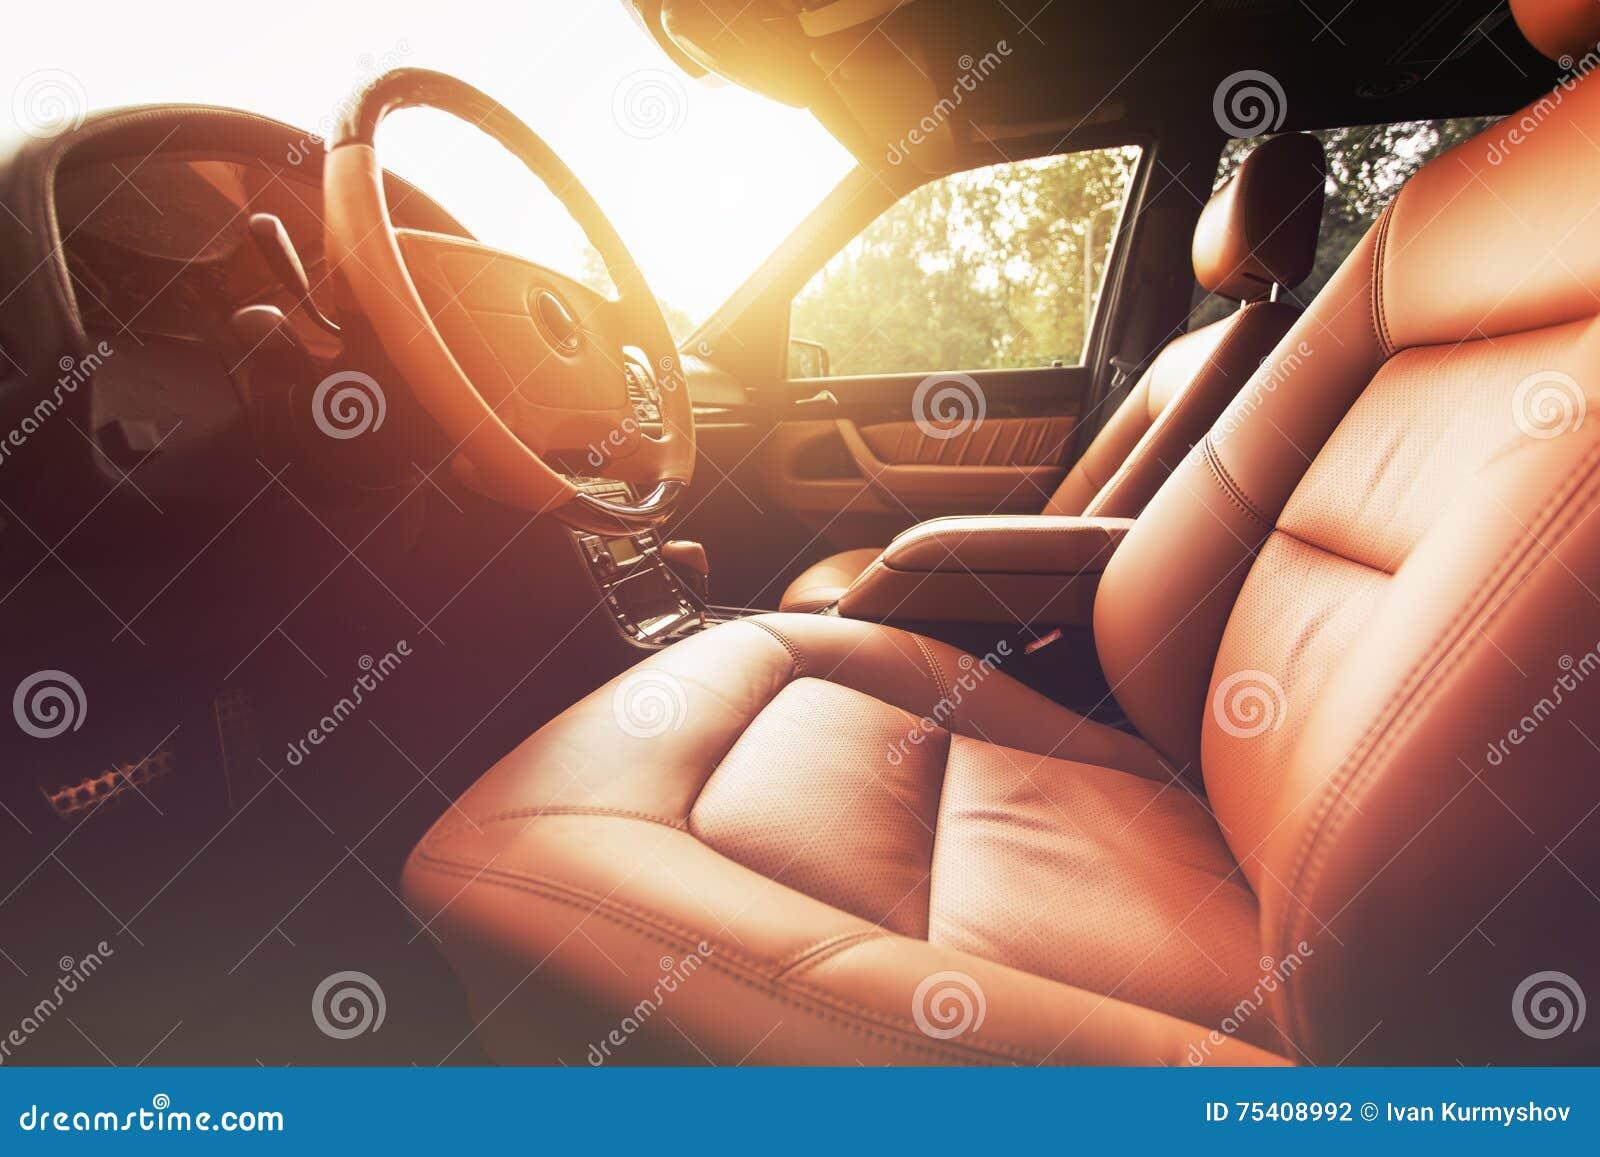 Car interior brown - Premium Car Interior Brown Leather At Sunset